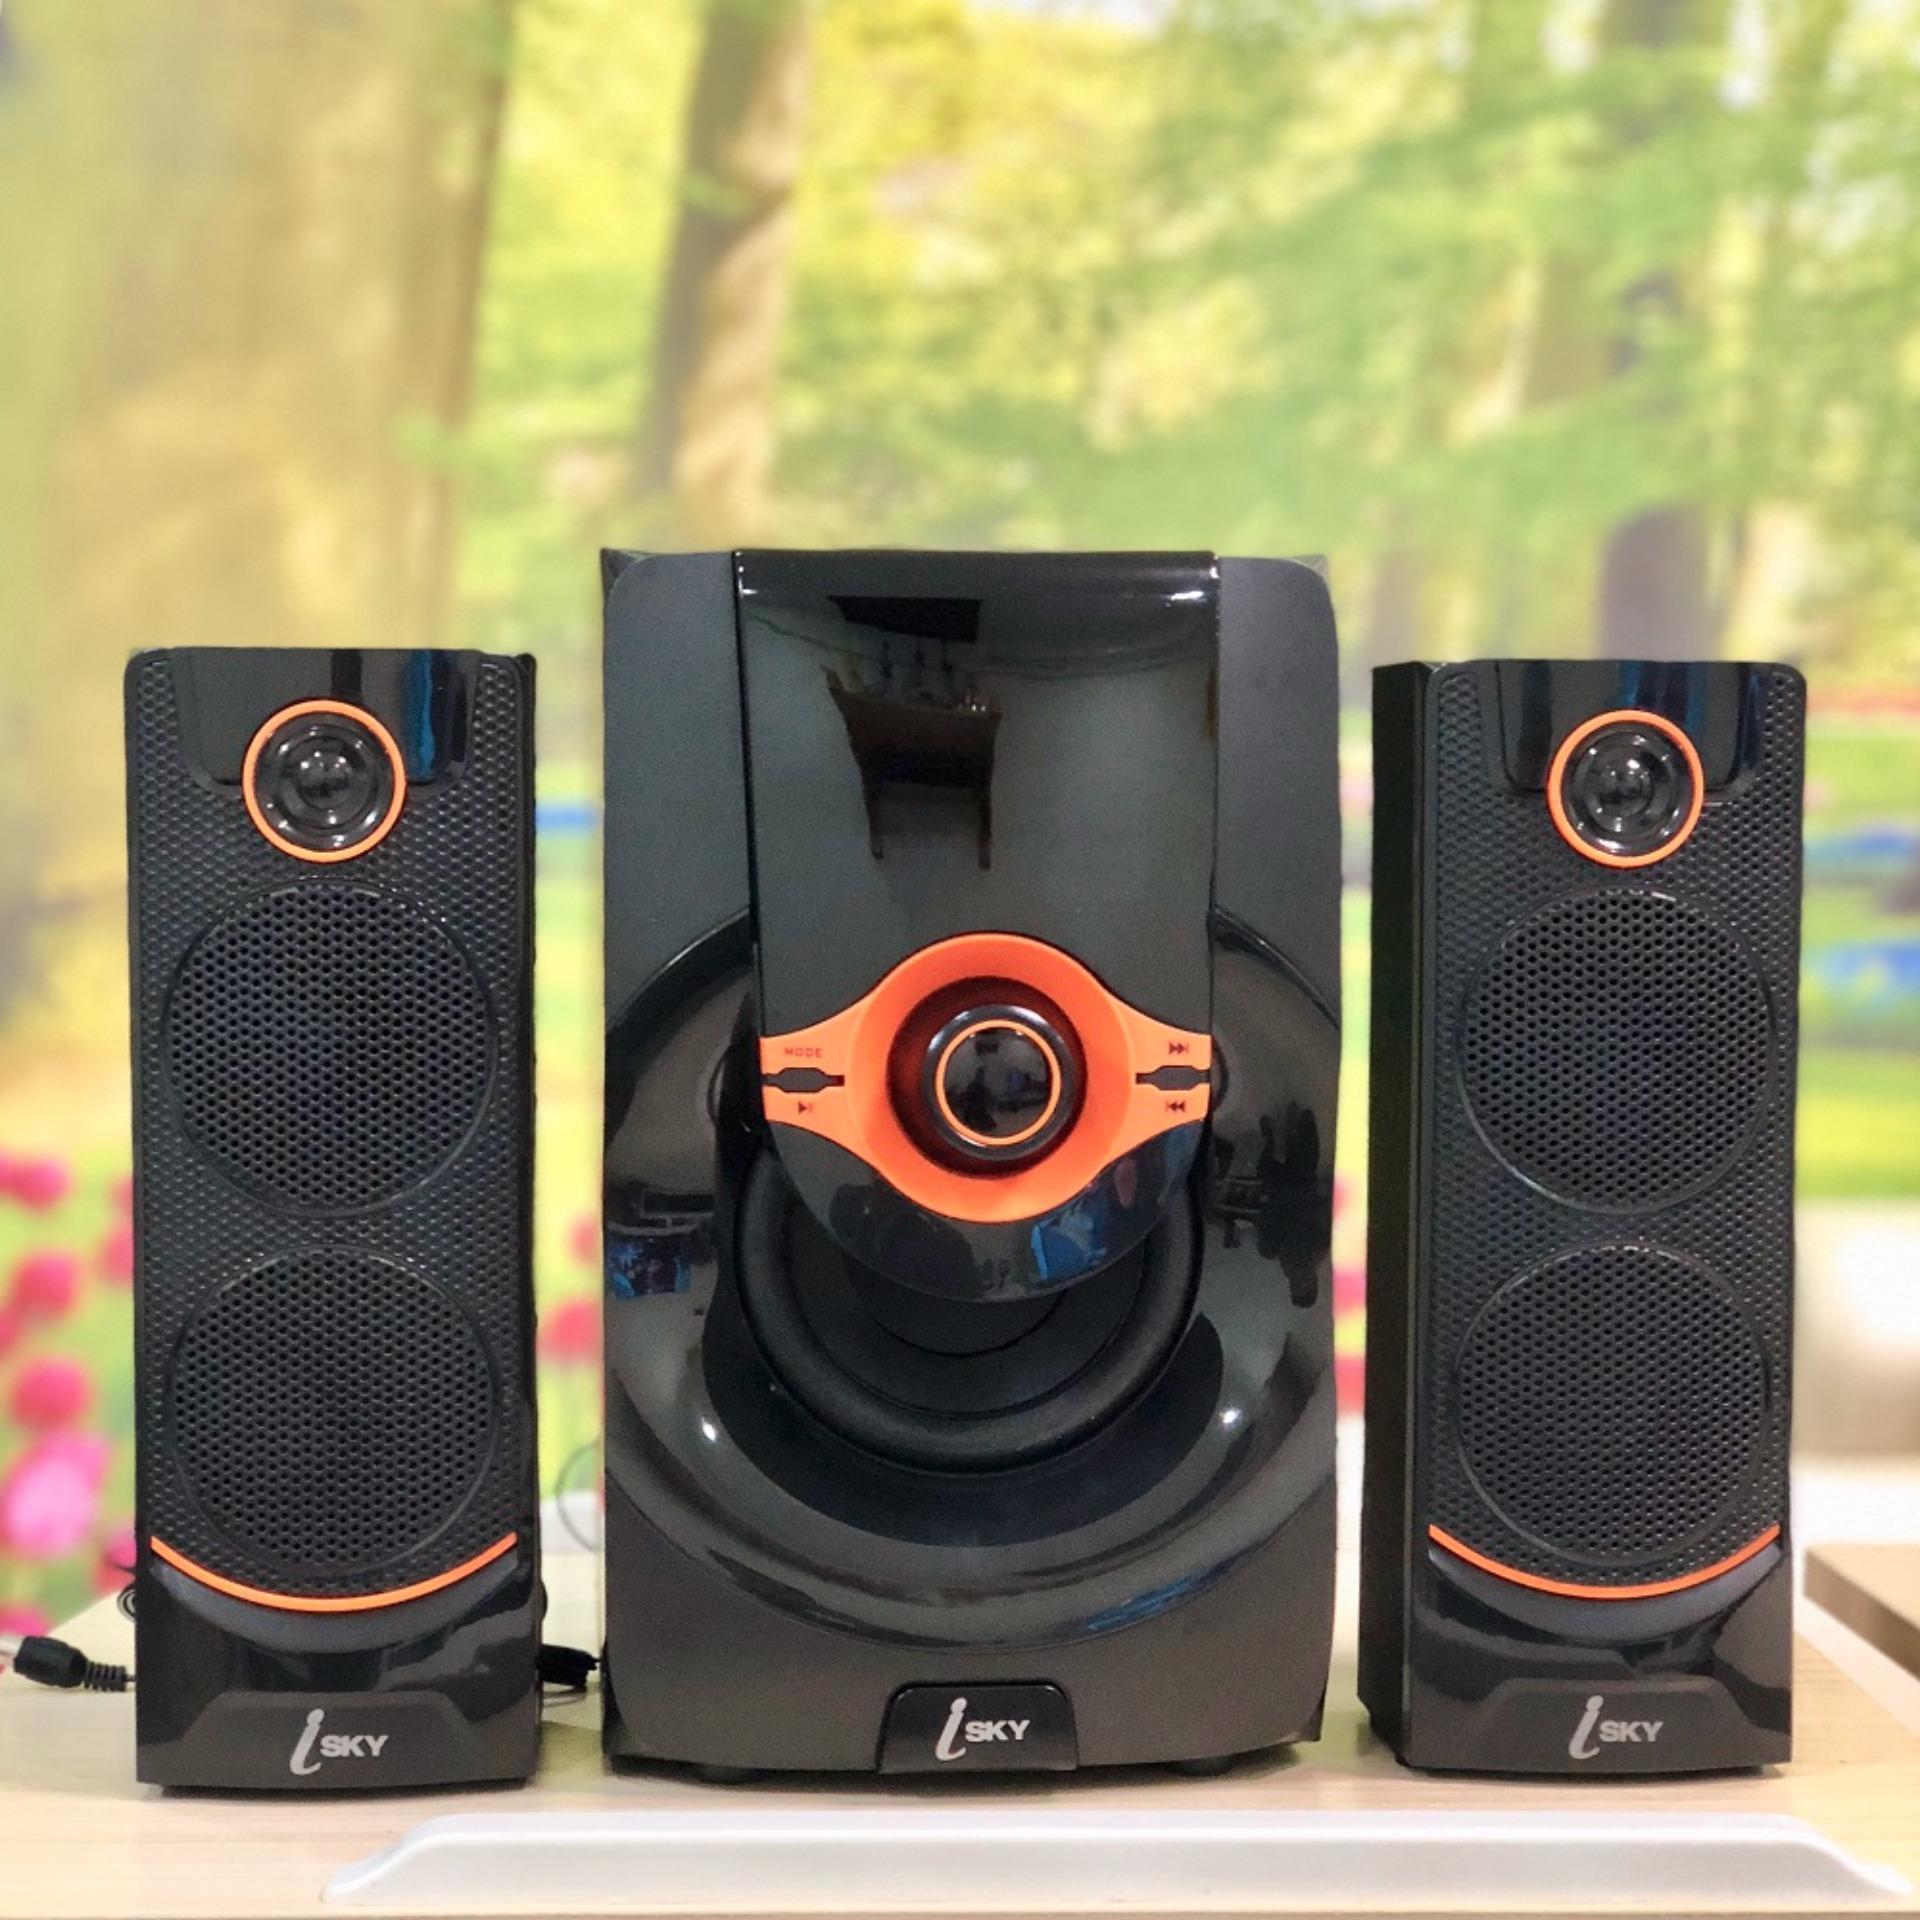 Dàn loa vi tính âm thanh lớn nghe nhạc đa năng có kết nối Bluetooth USB Isky – SK215